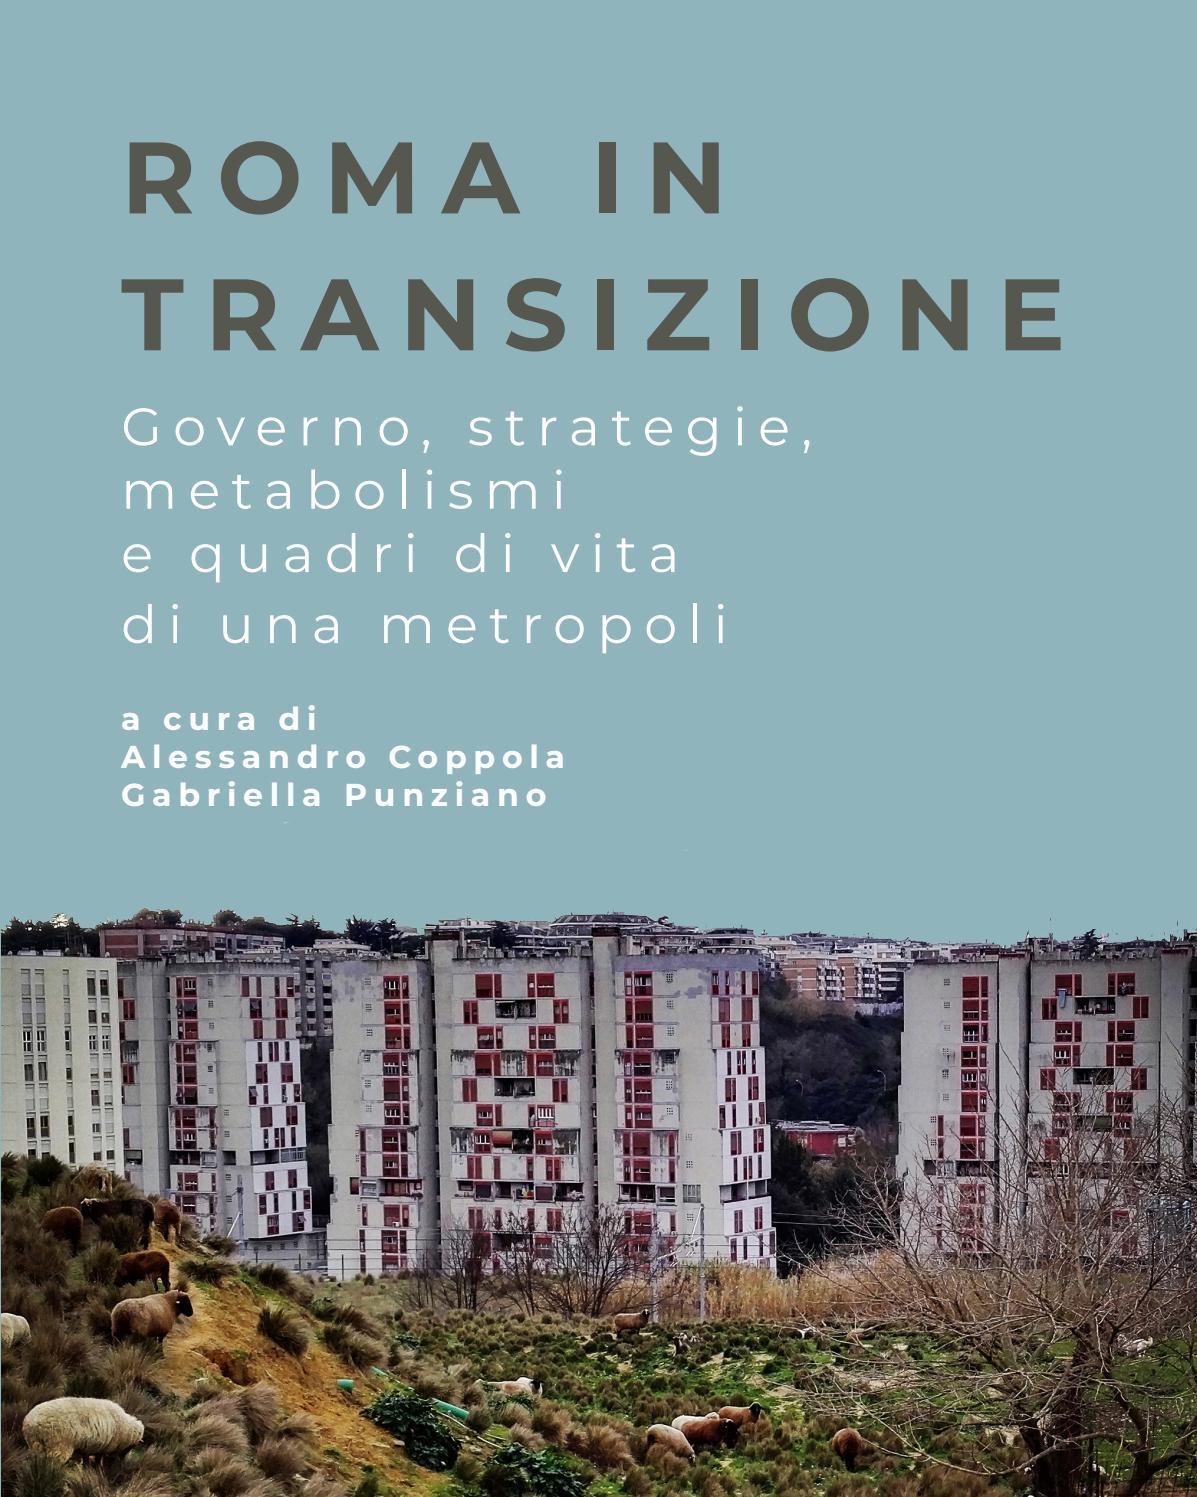 Roma In Transizione Coppola A Punziano G A Cura Di Planum Publisher 2018 Vol 2 By Planum The Journal Of Urbanism Issuu